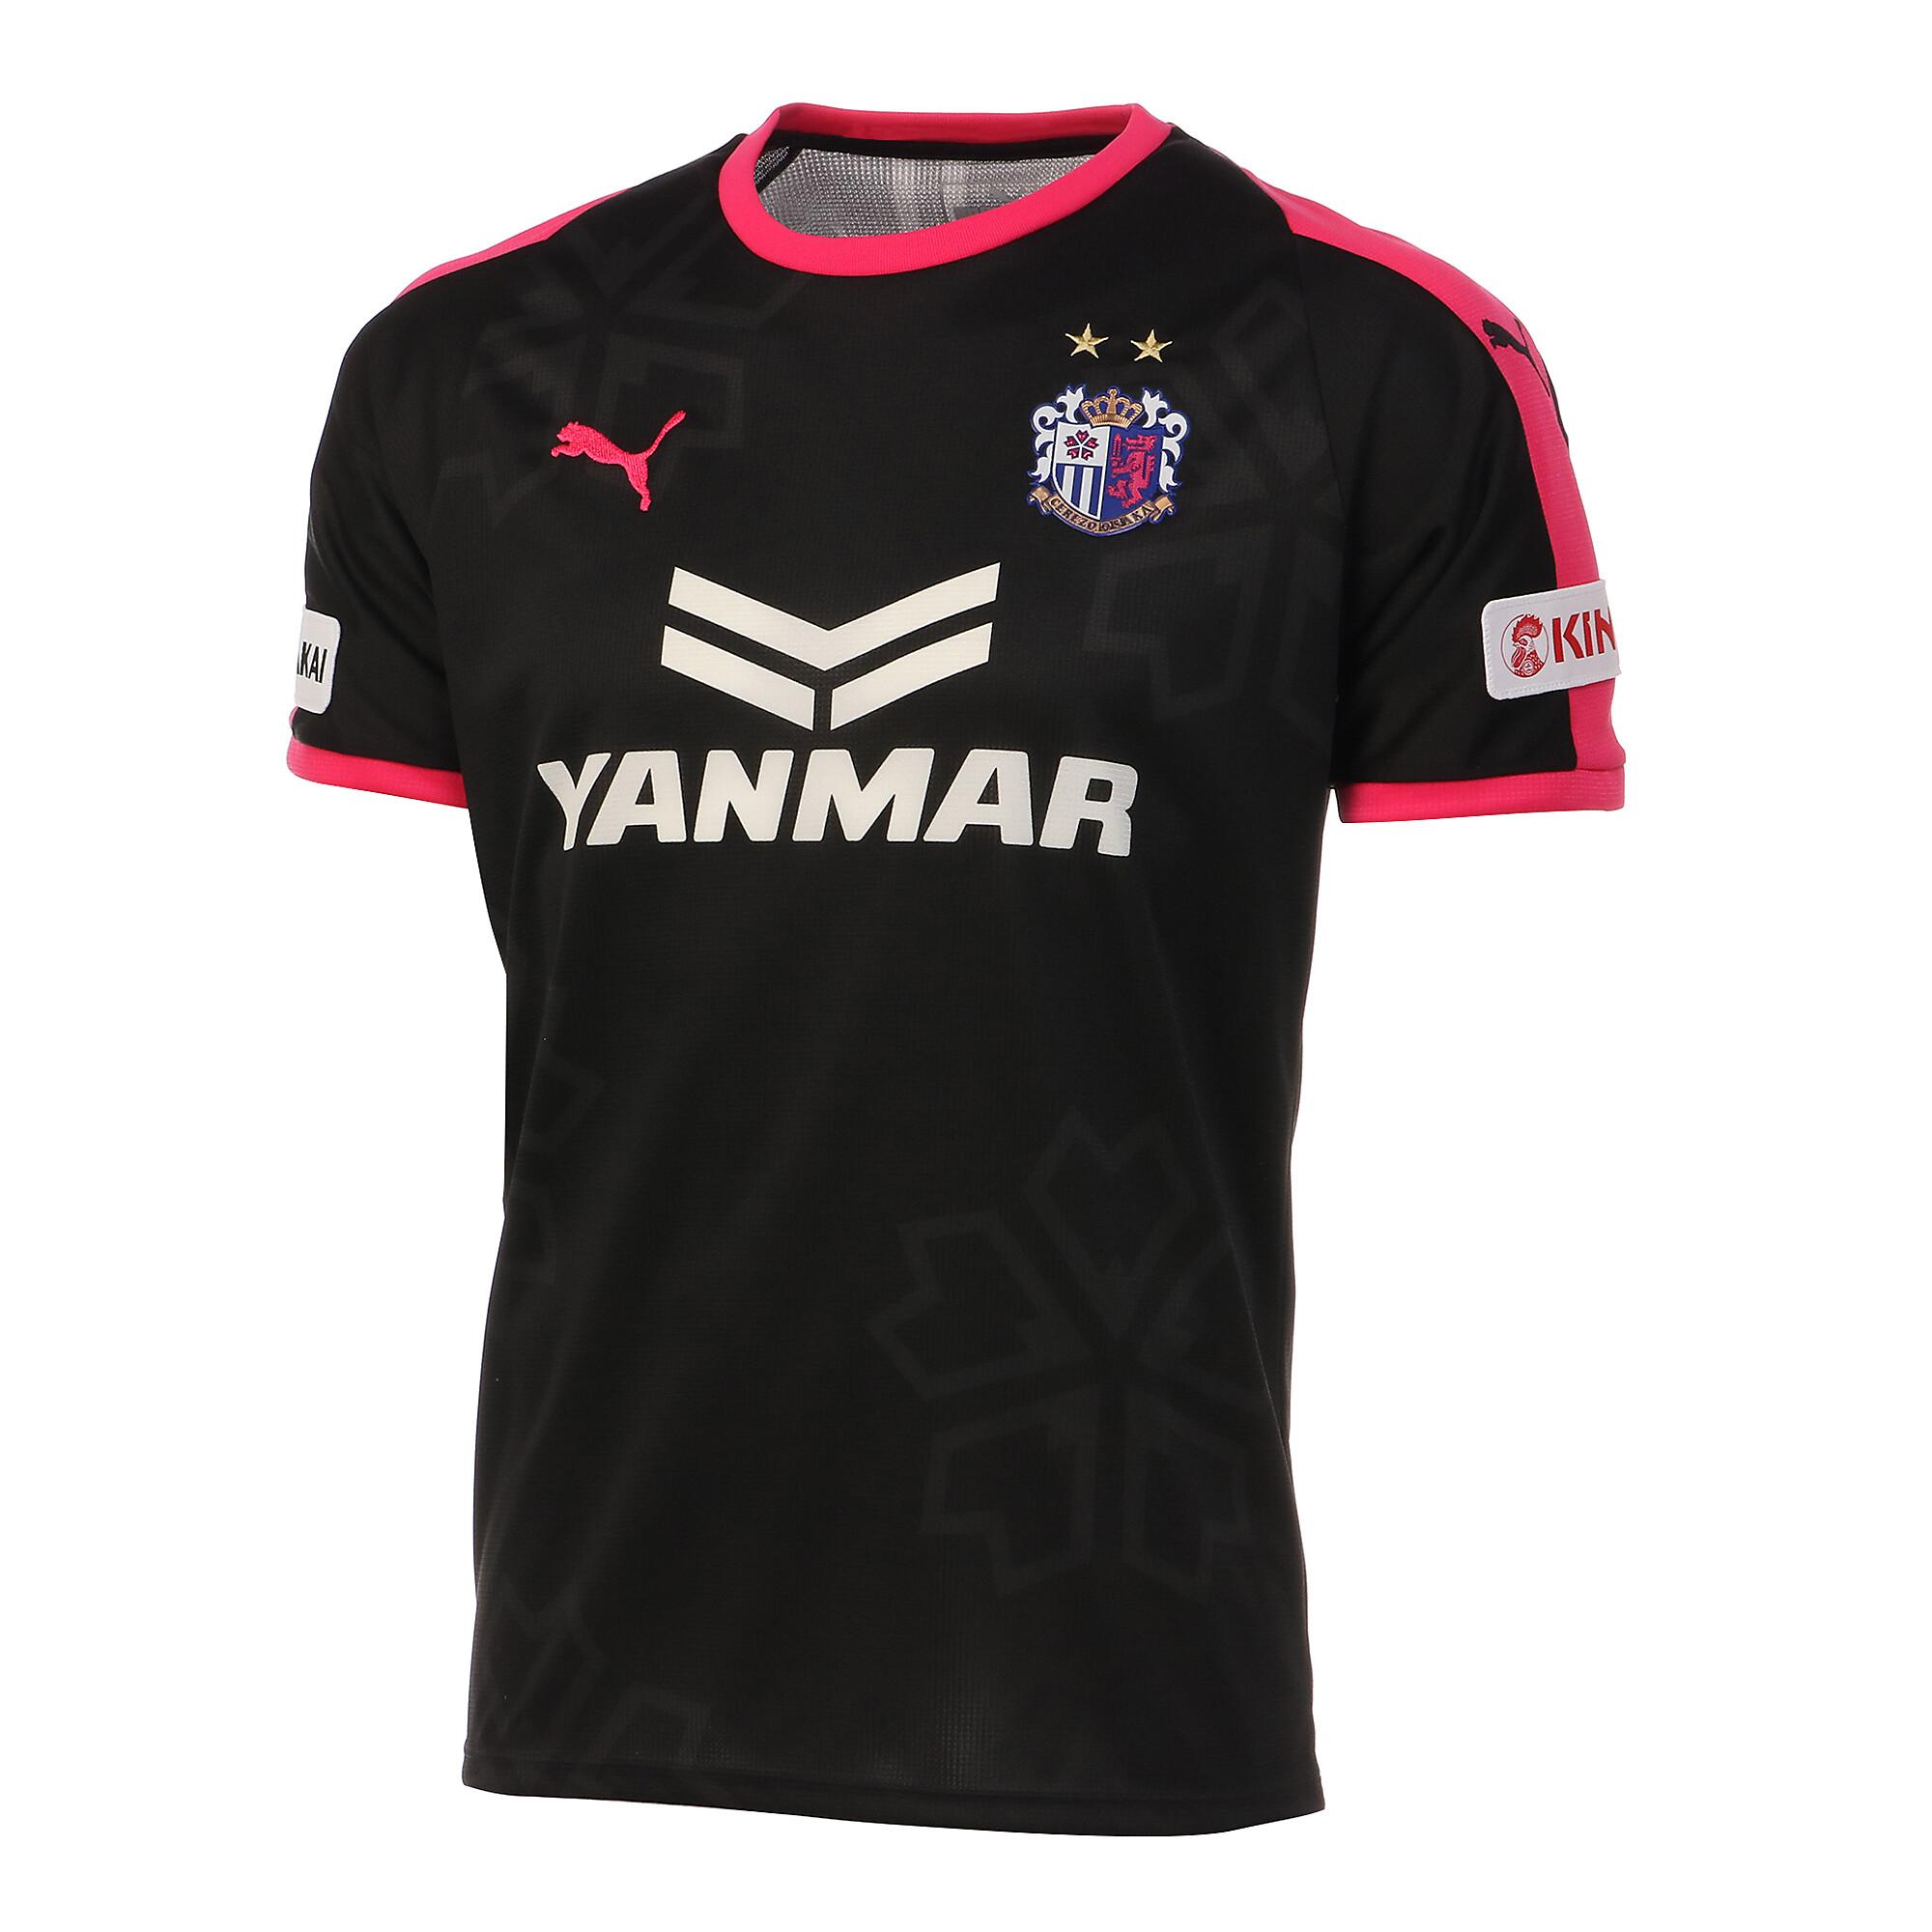 【プーマ公式通販】 プーマ セレッソ GK ゲームシャツ メンズ black |PUMA.com